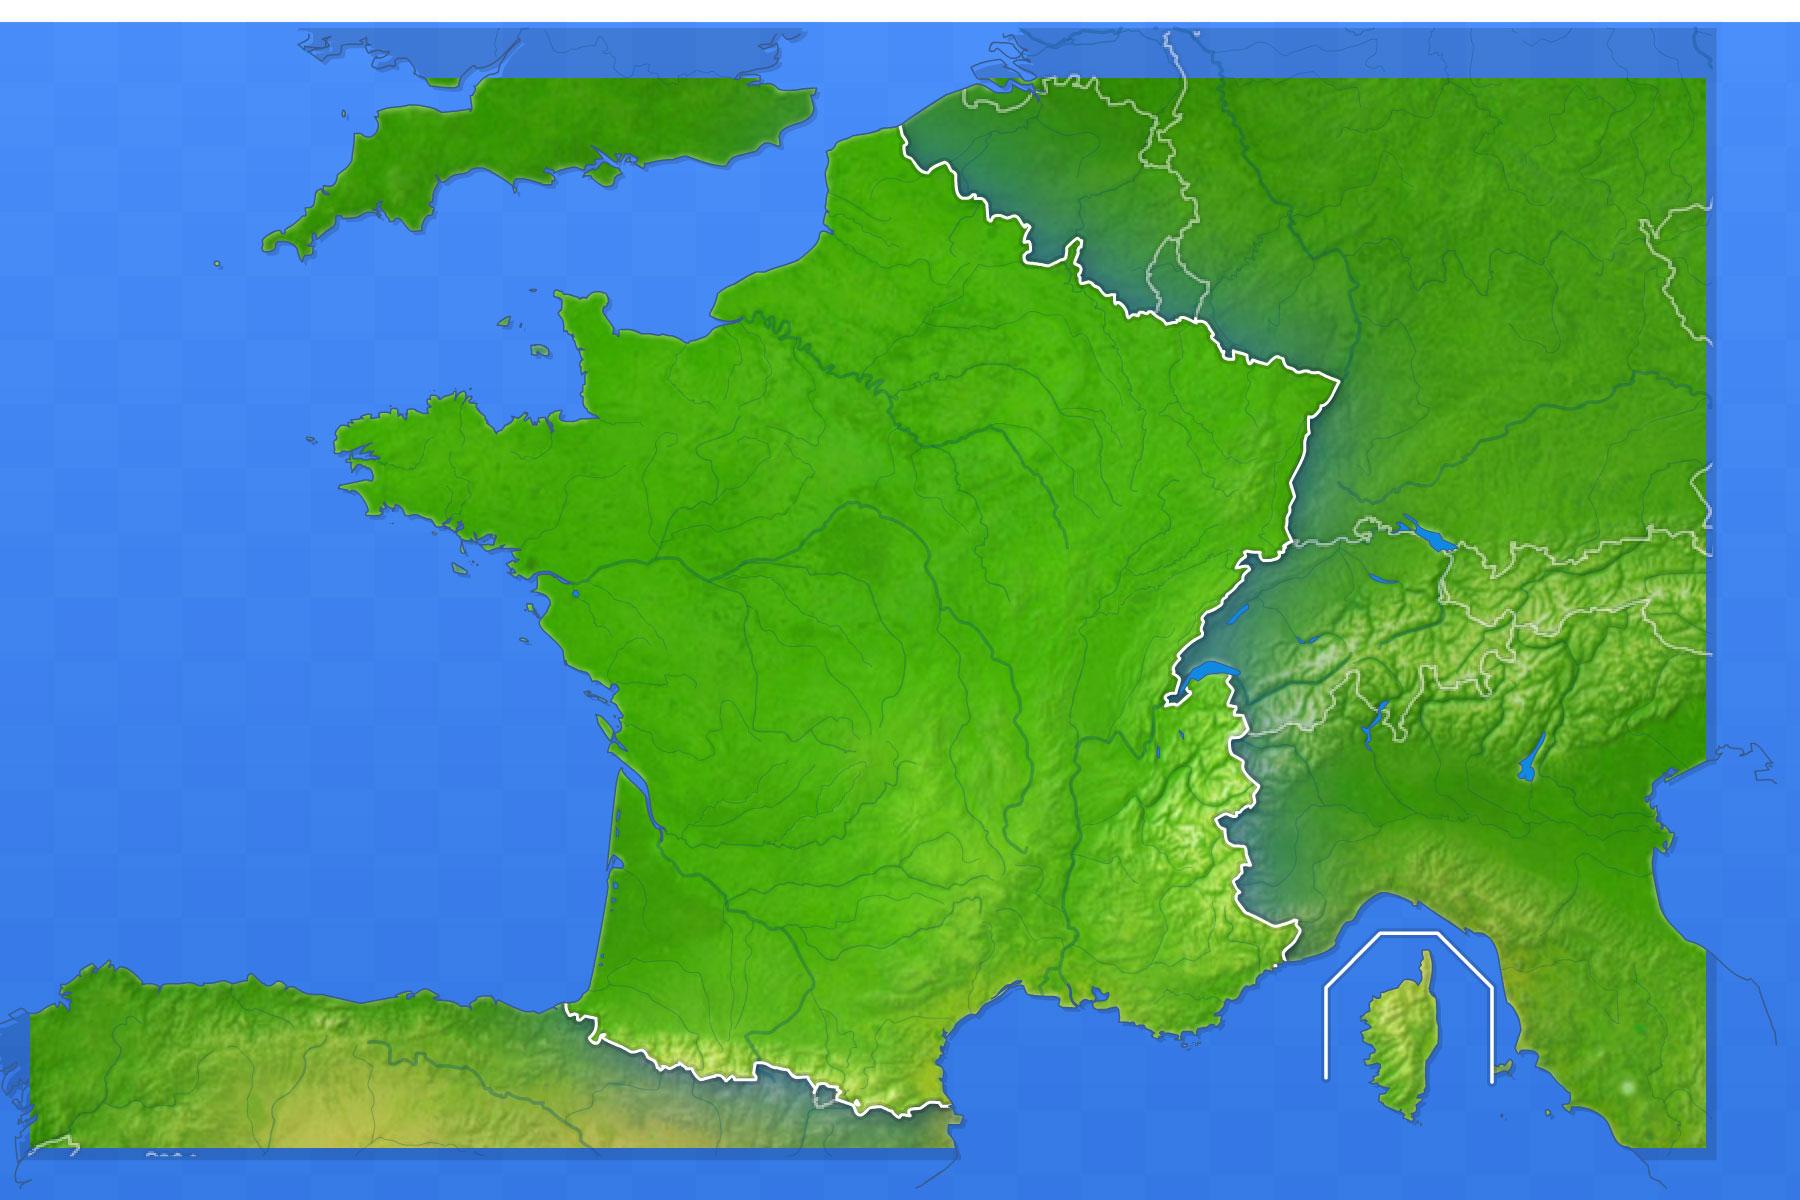 Jeux-Geographiques Jeux Gratuits Jeu Villes De France concernant Placer Des Villes Sur Une Carte